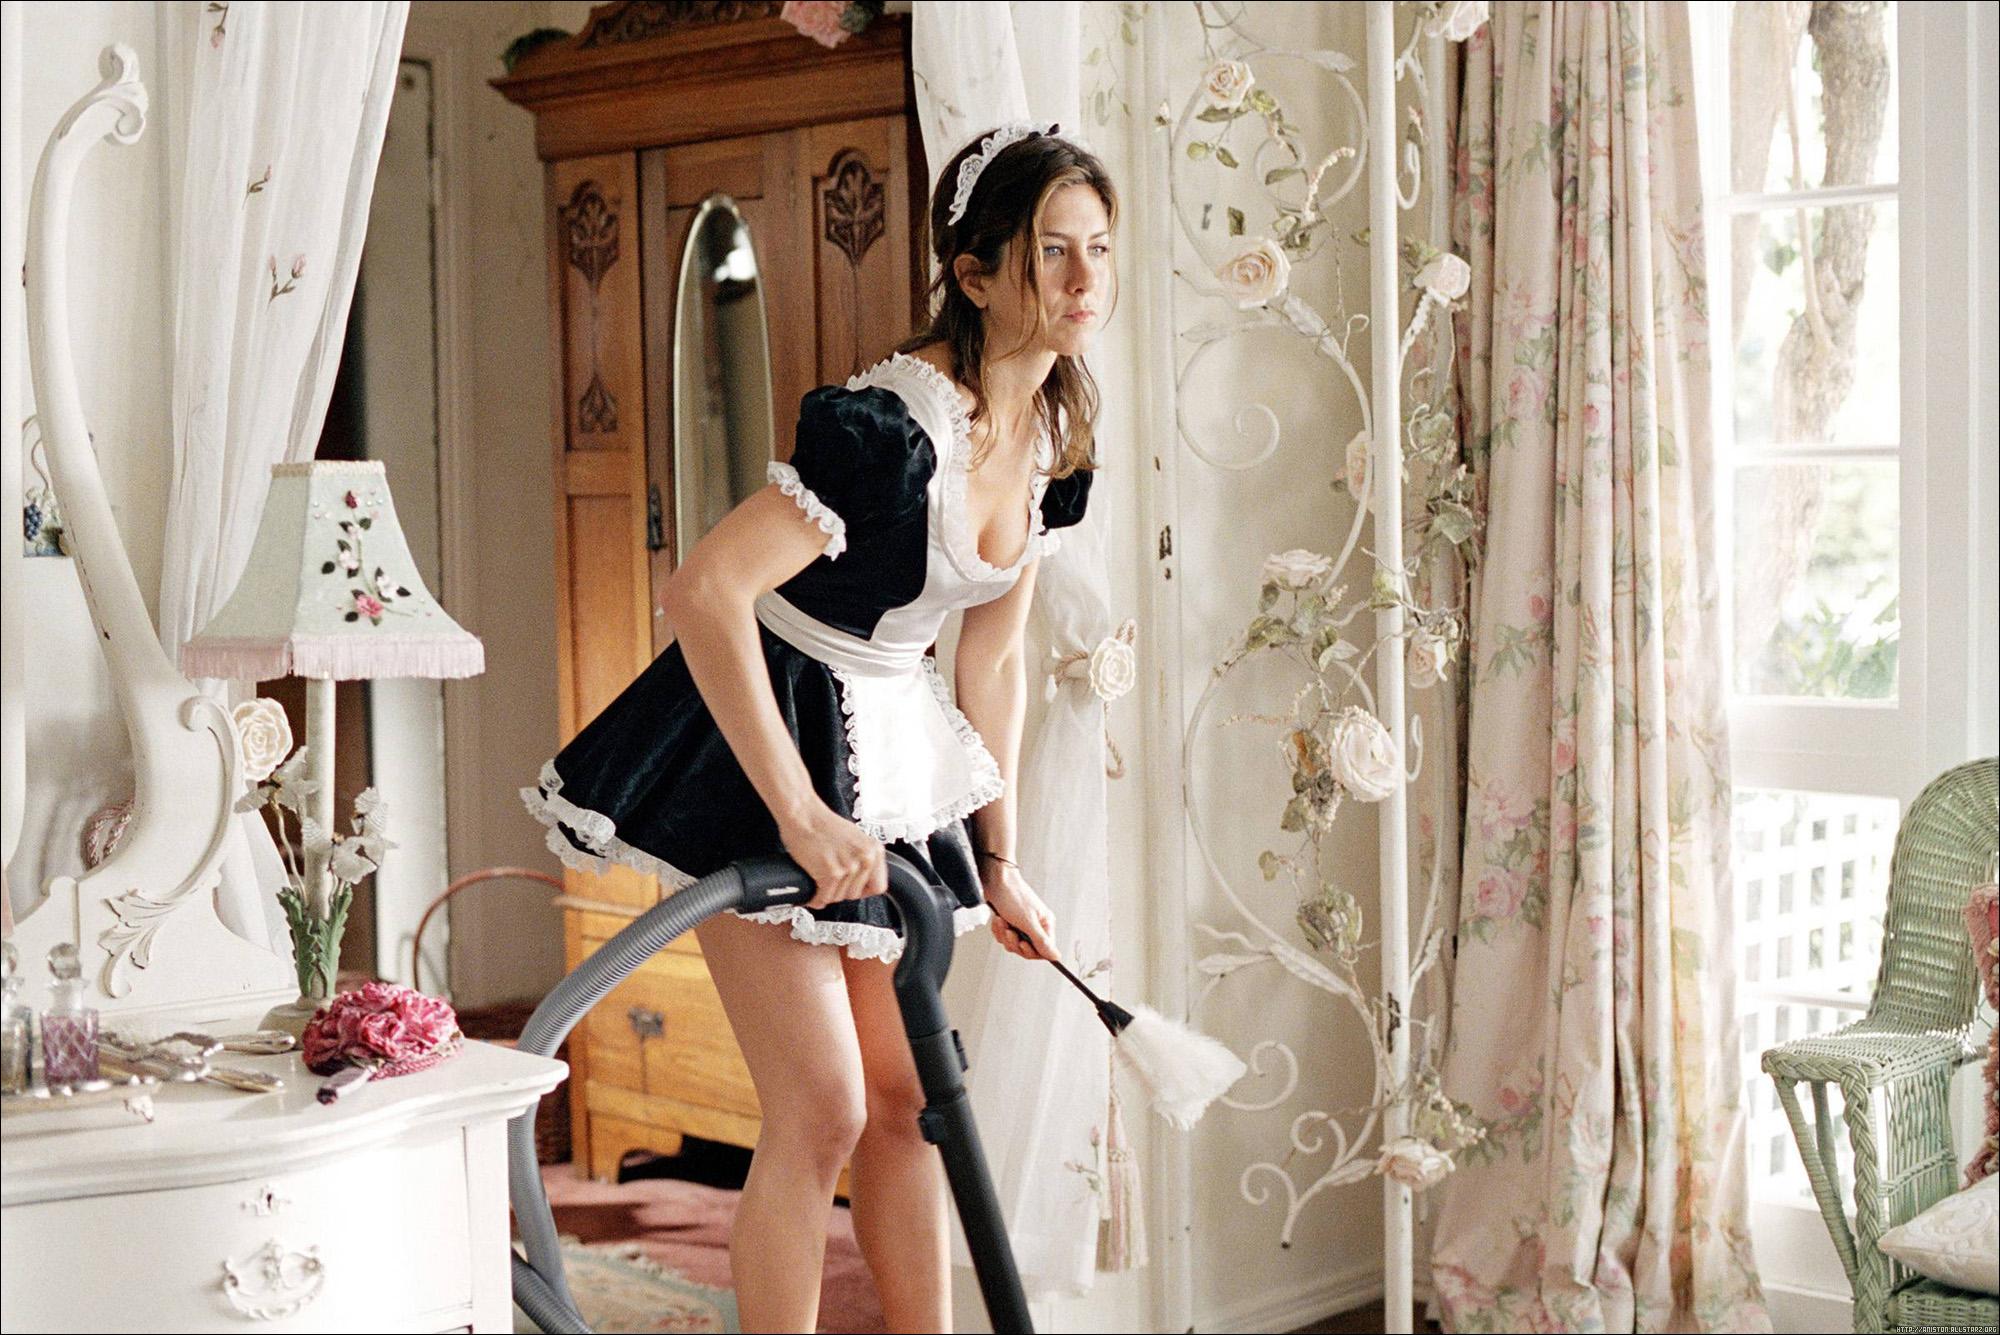 Раб убирает в доме госпожи 12 фотография